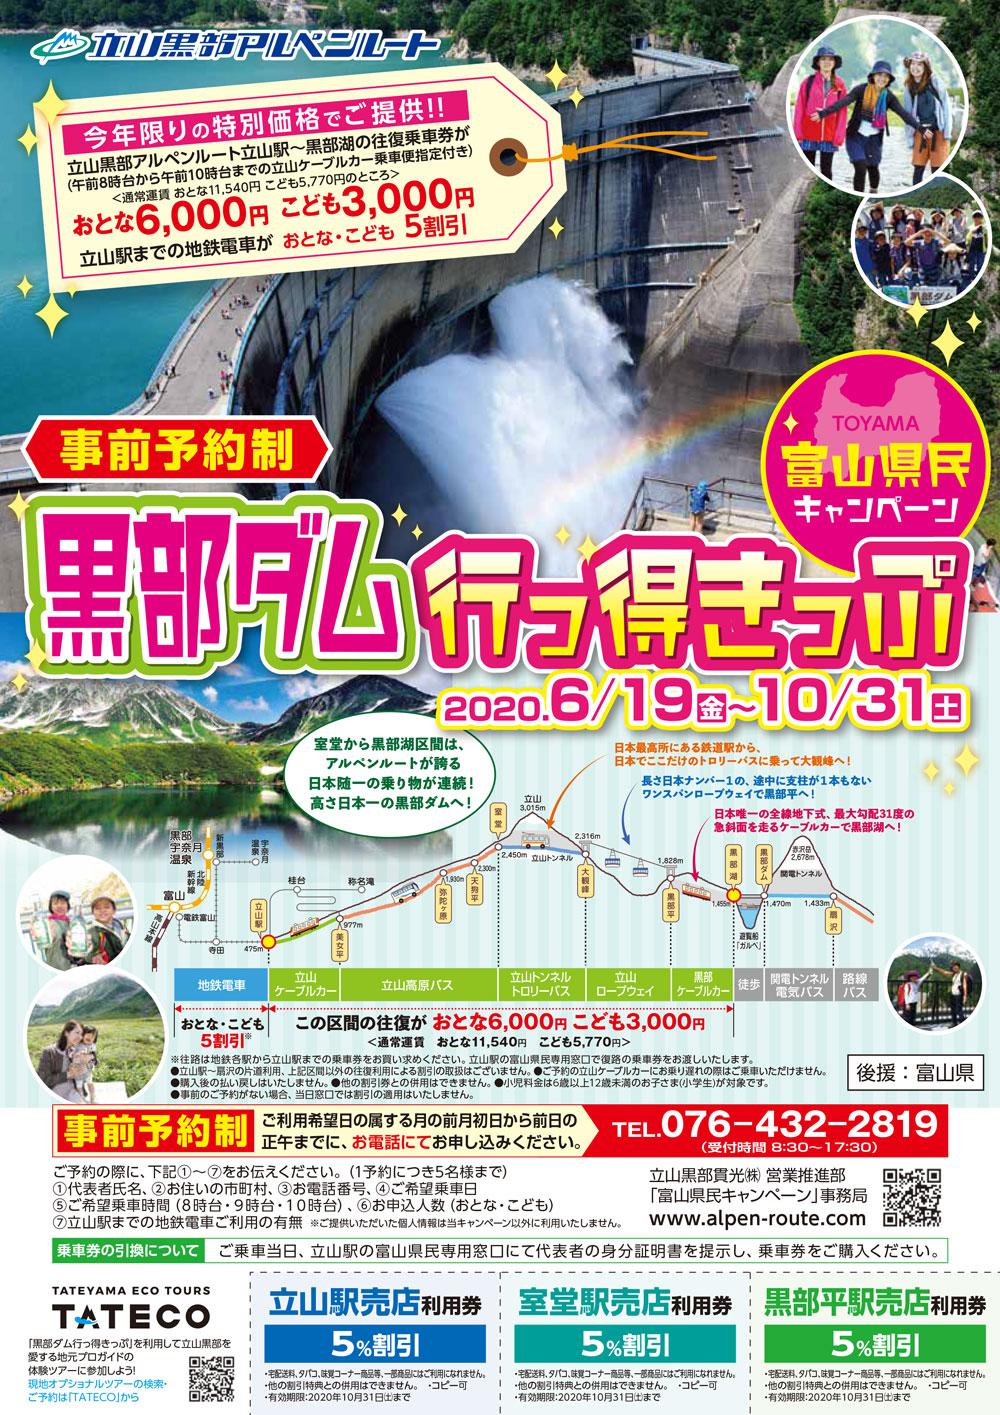 富山県在住者を対象にしたかなりお得なキャンペーン「黒部ダム行っ得きっぷ」